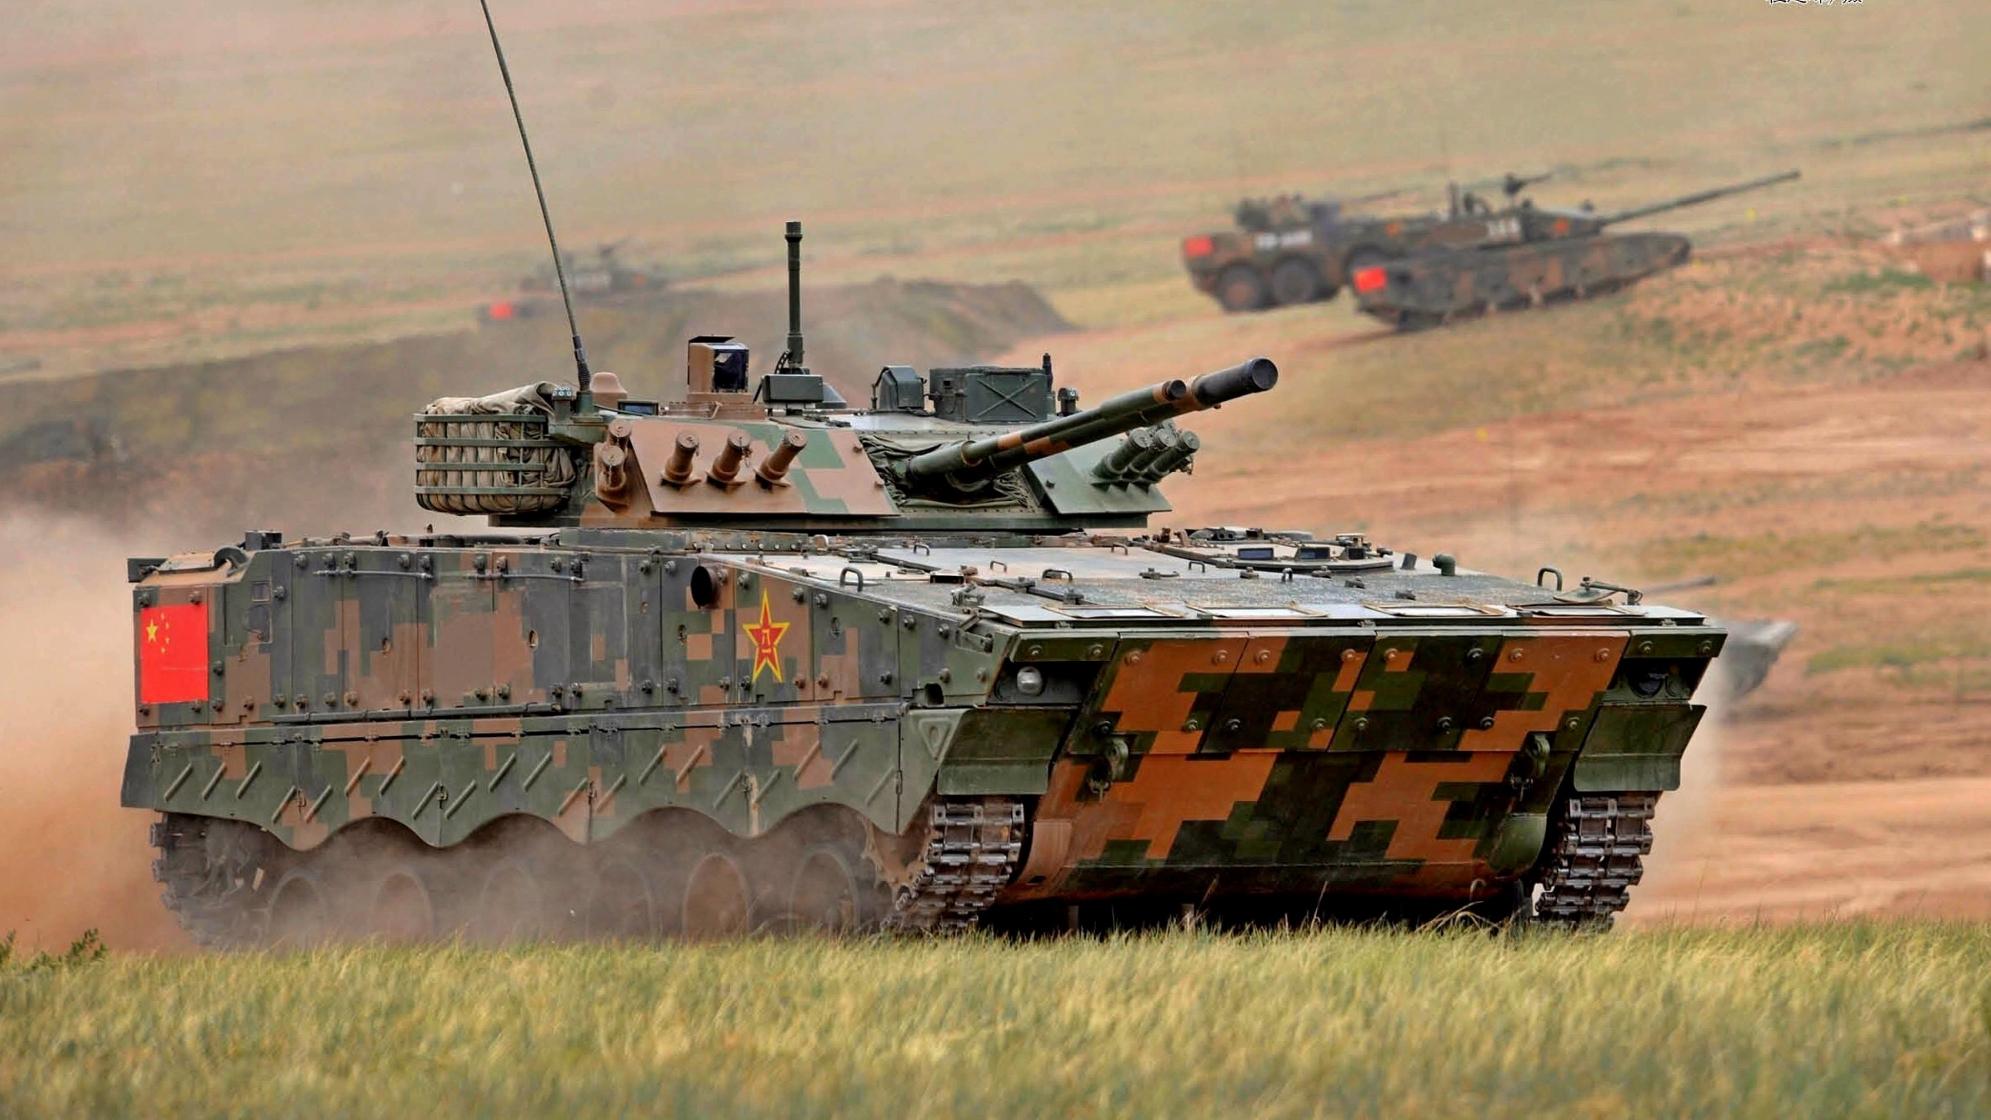 【讲堂557期】ZBD-04A步战车最全详解,全面武器配置,不愧99A坦克有力辅助